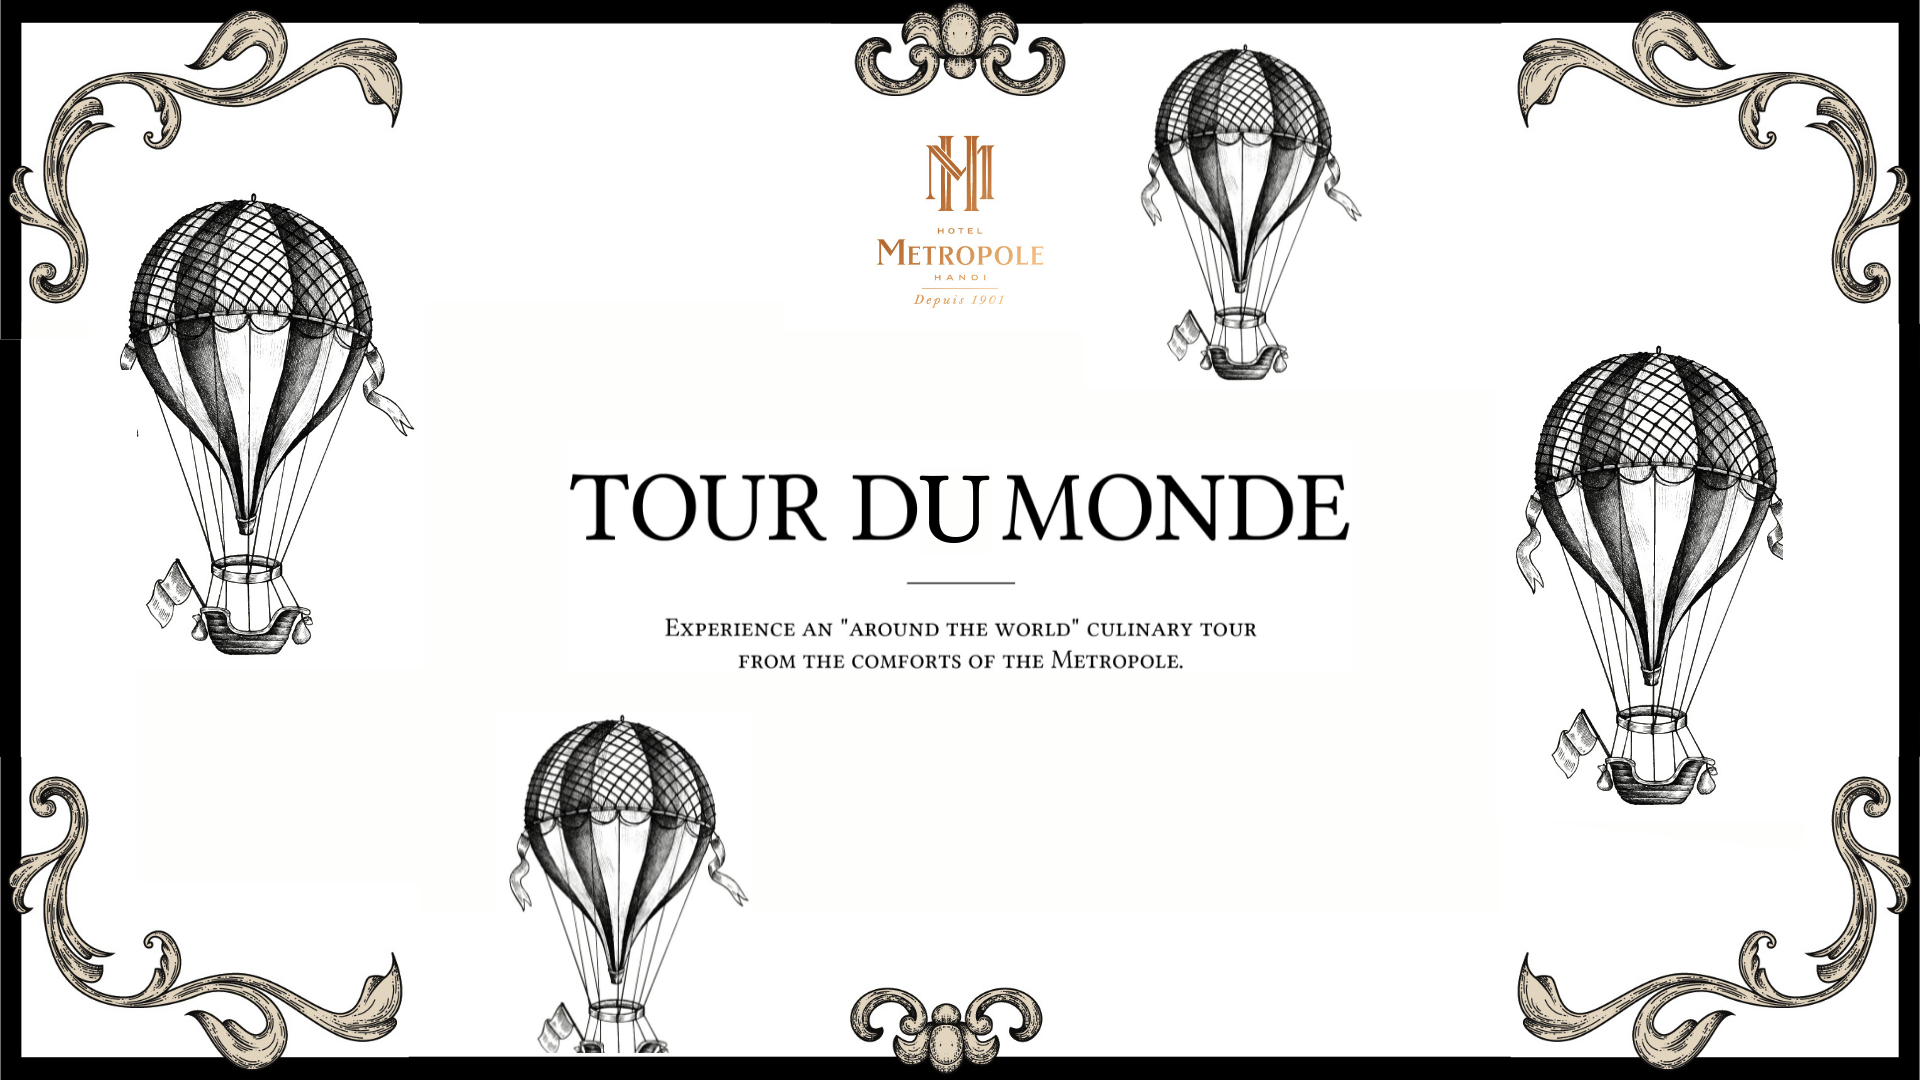 tour-du-monde-at-the-metropole